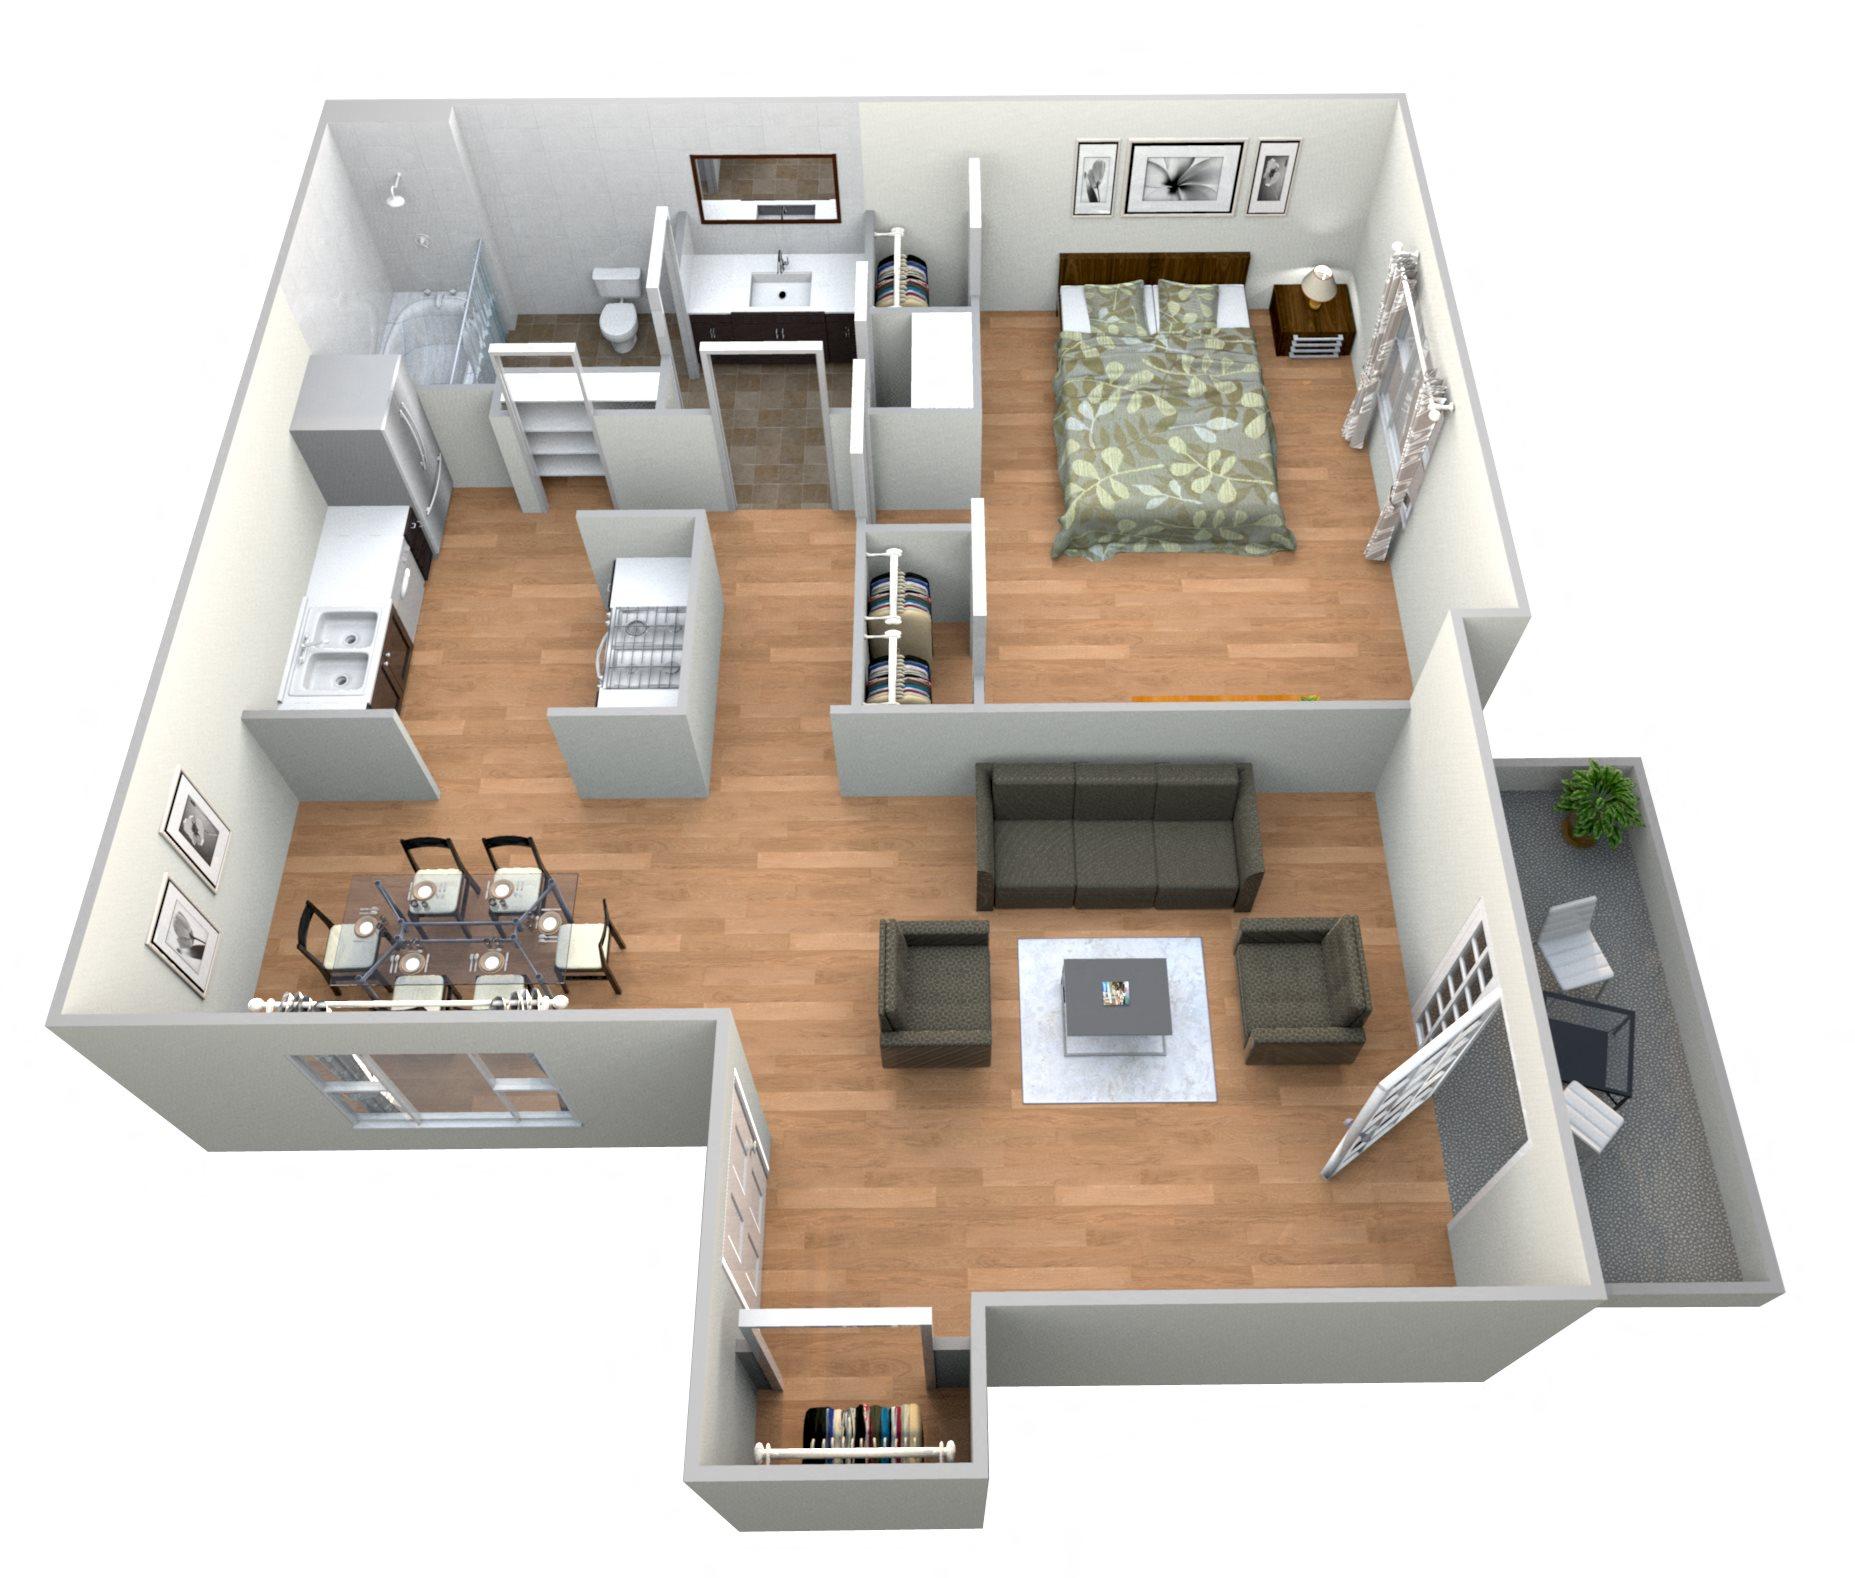 1 Bed 1Bath C Floor Plan 4